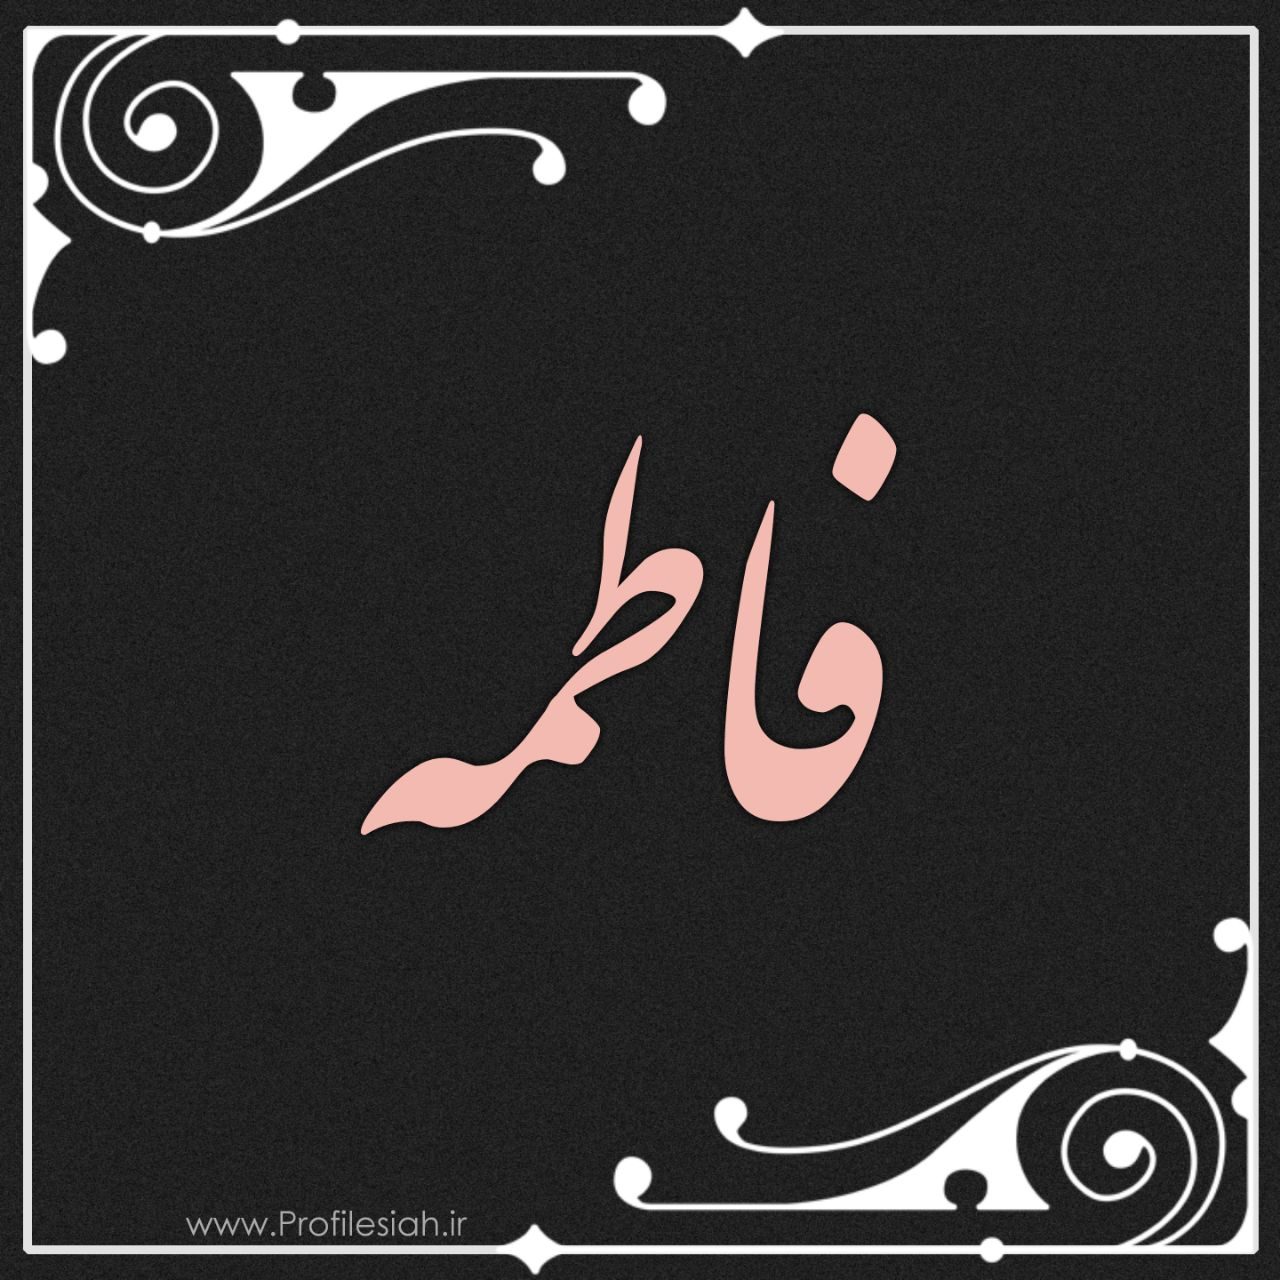 لوگو و عکس نوشته ی اسم فاطمه